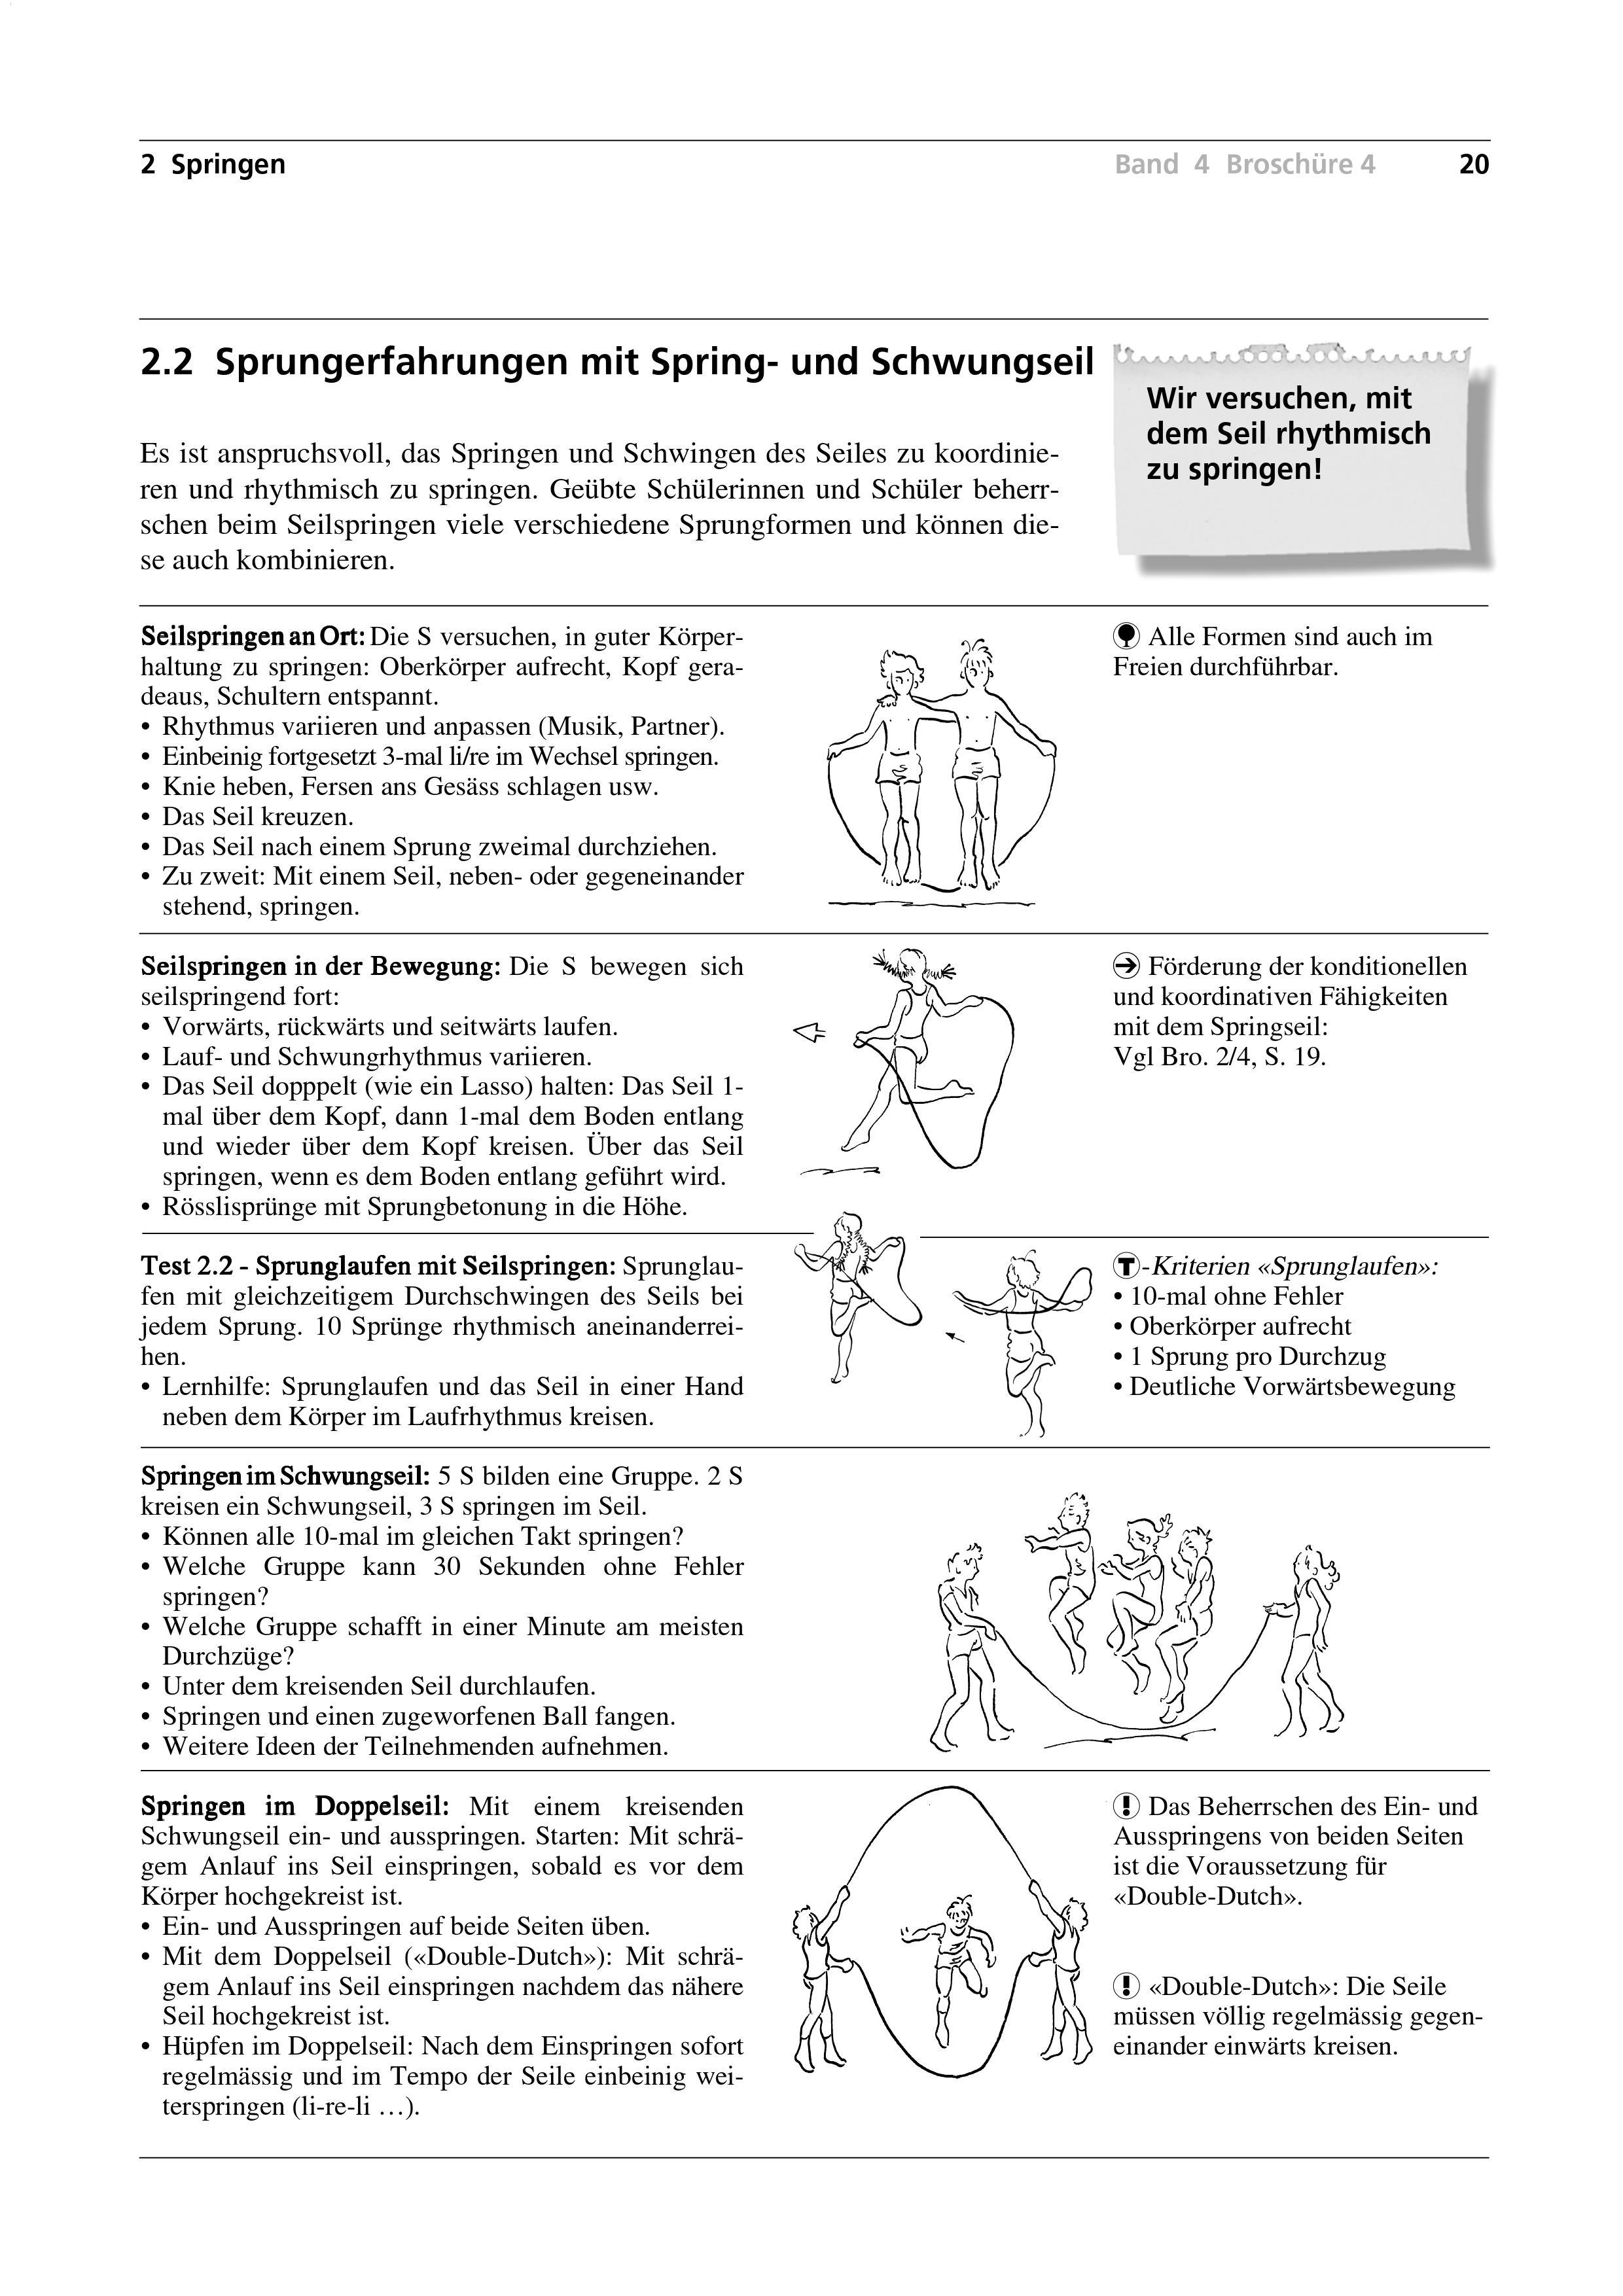 Preview image for LOM object Sprungerfahrungen mit Spring- und Schwungseil